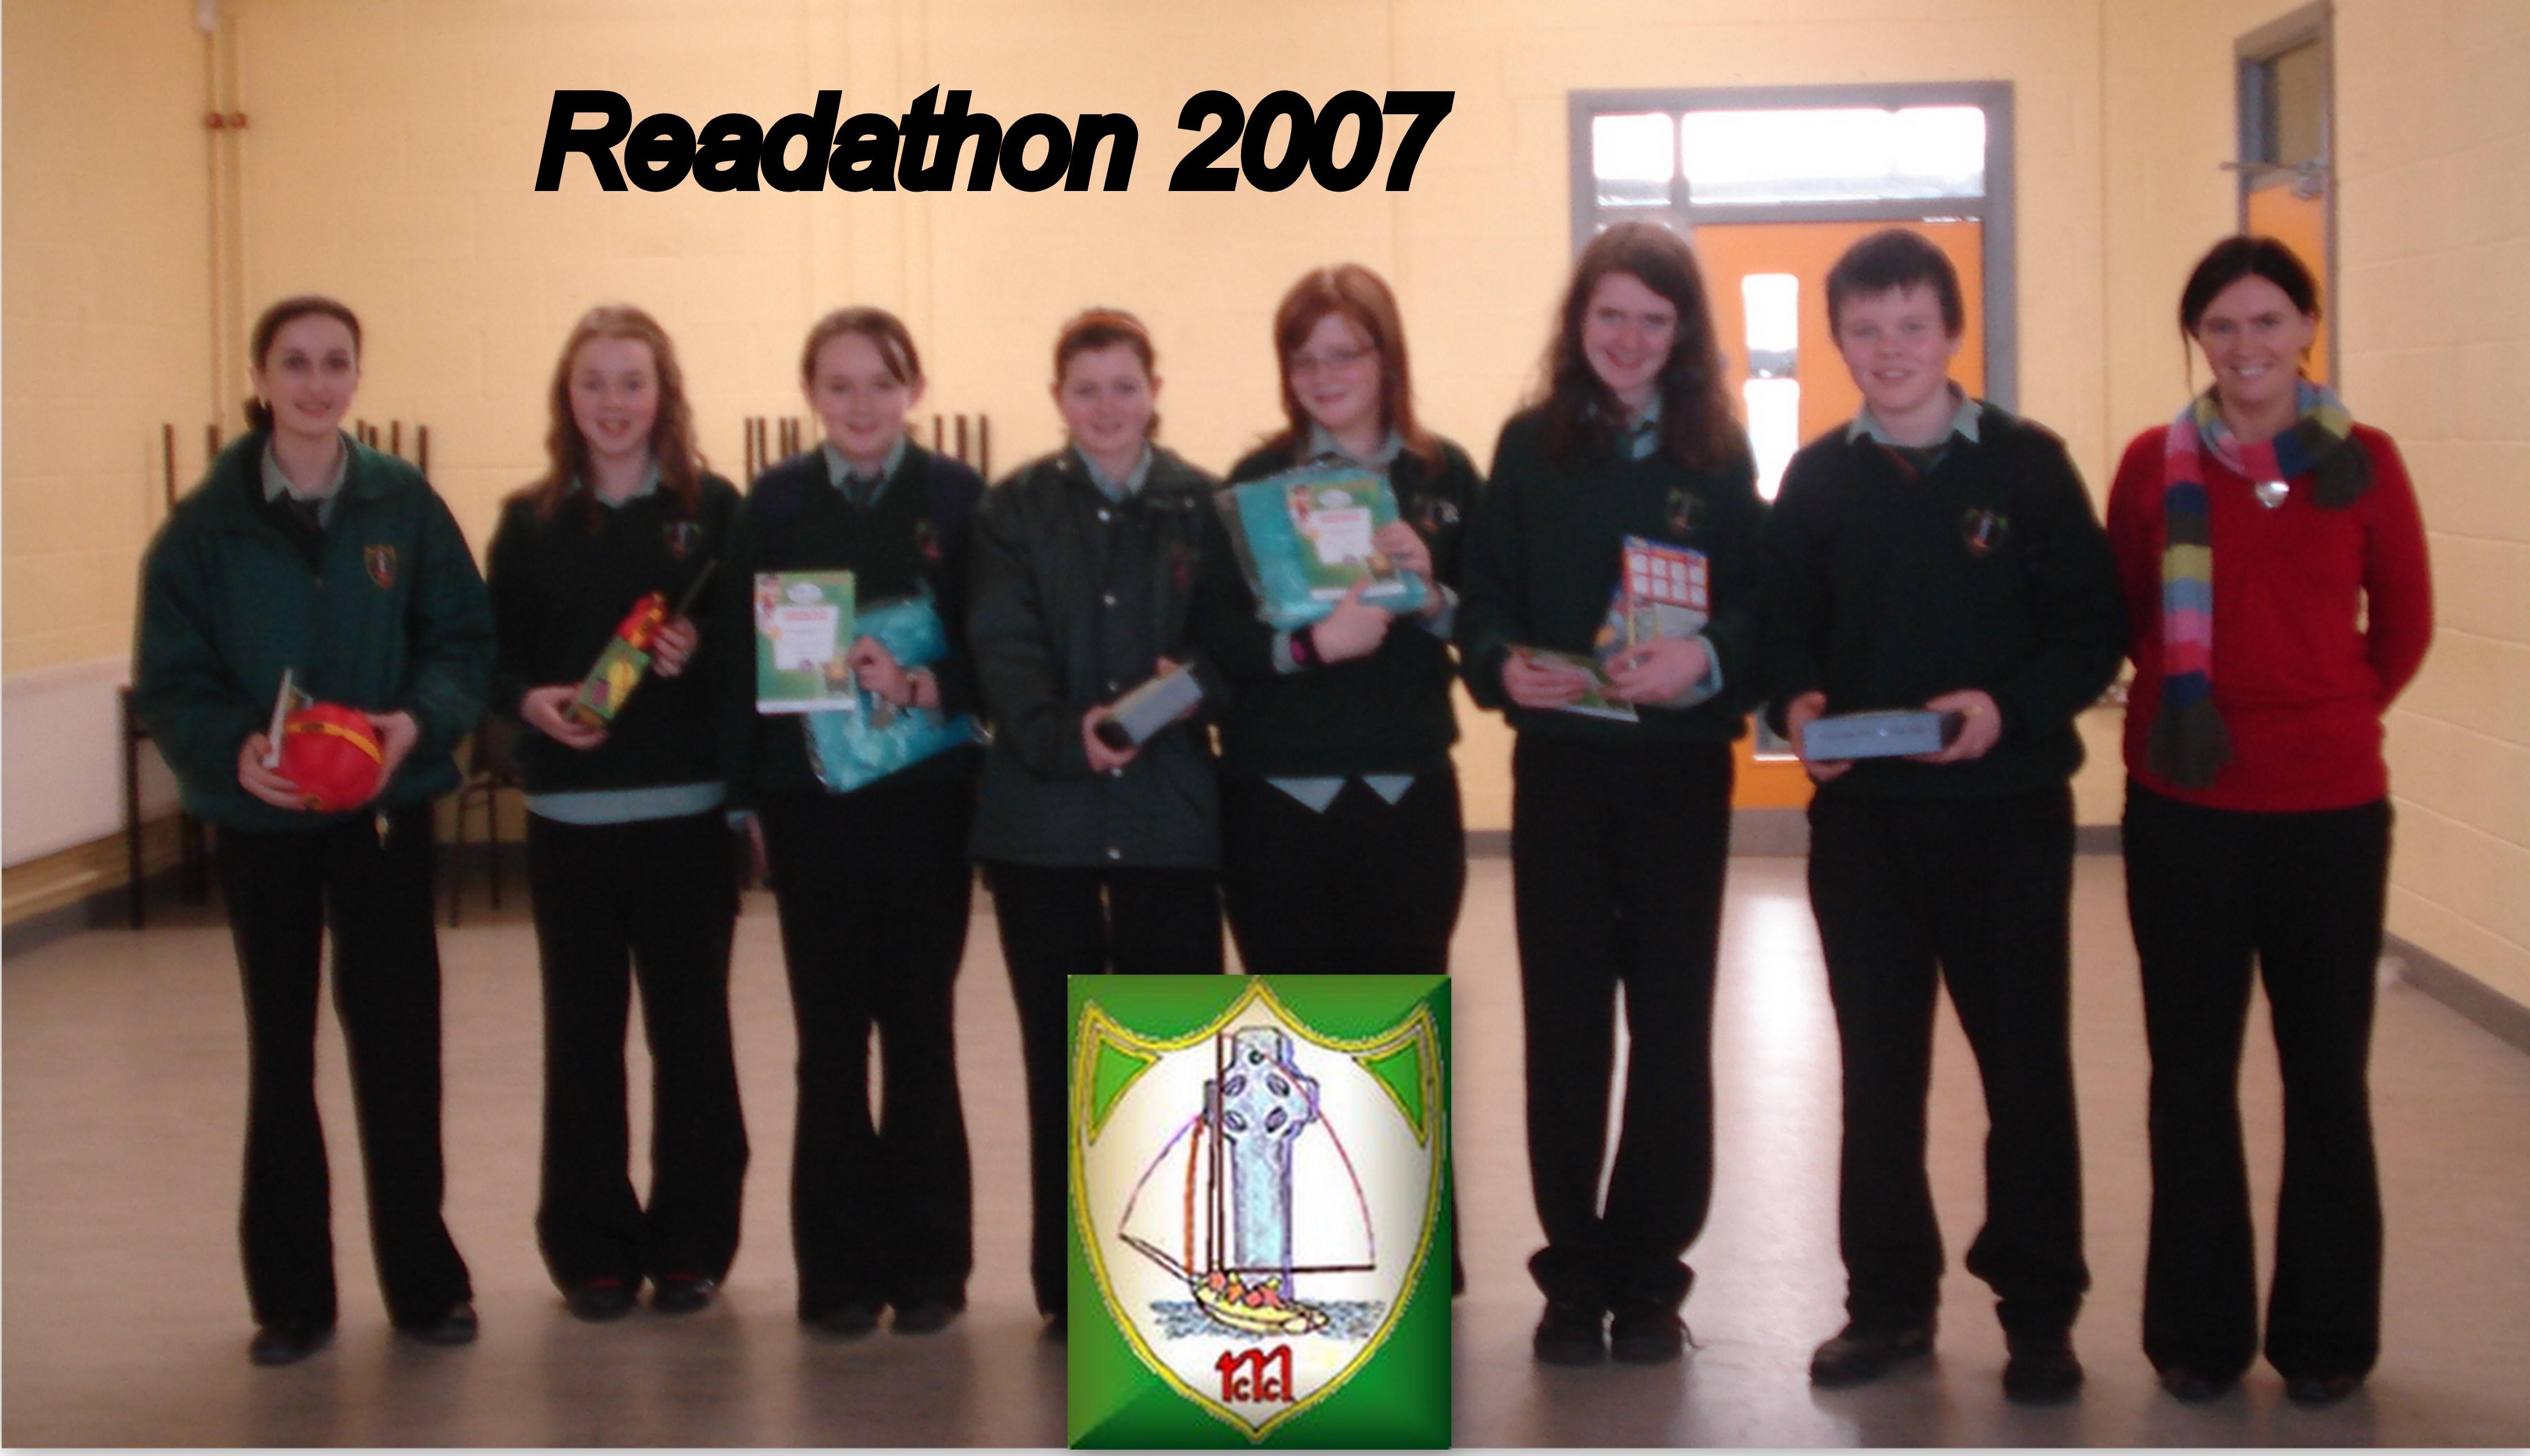 2007 Readathon